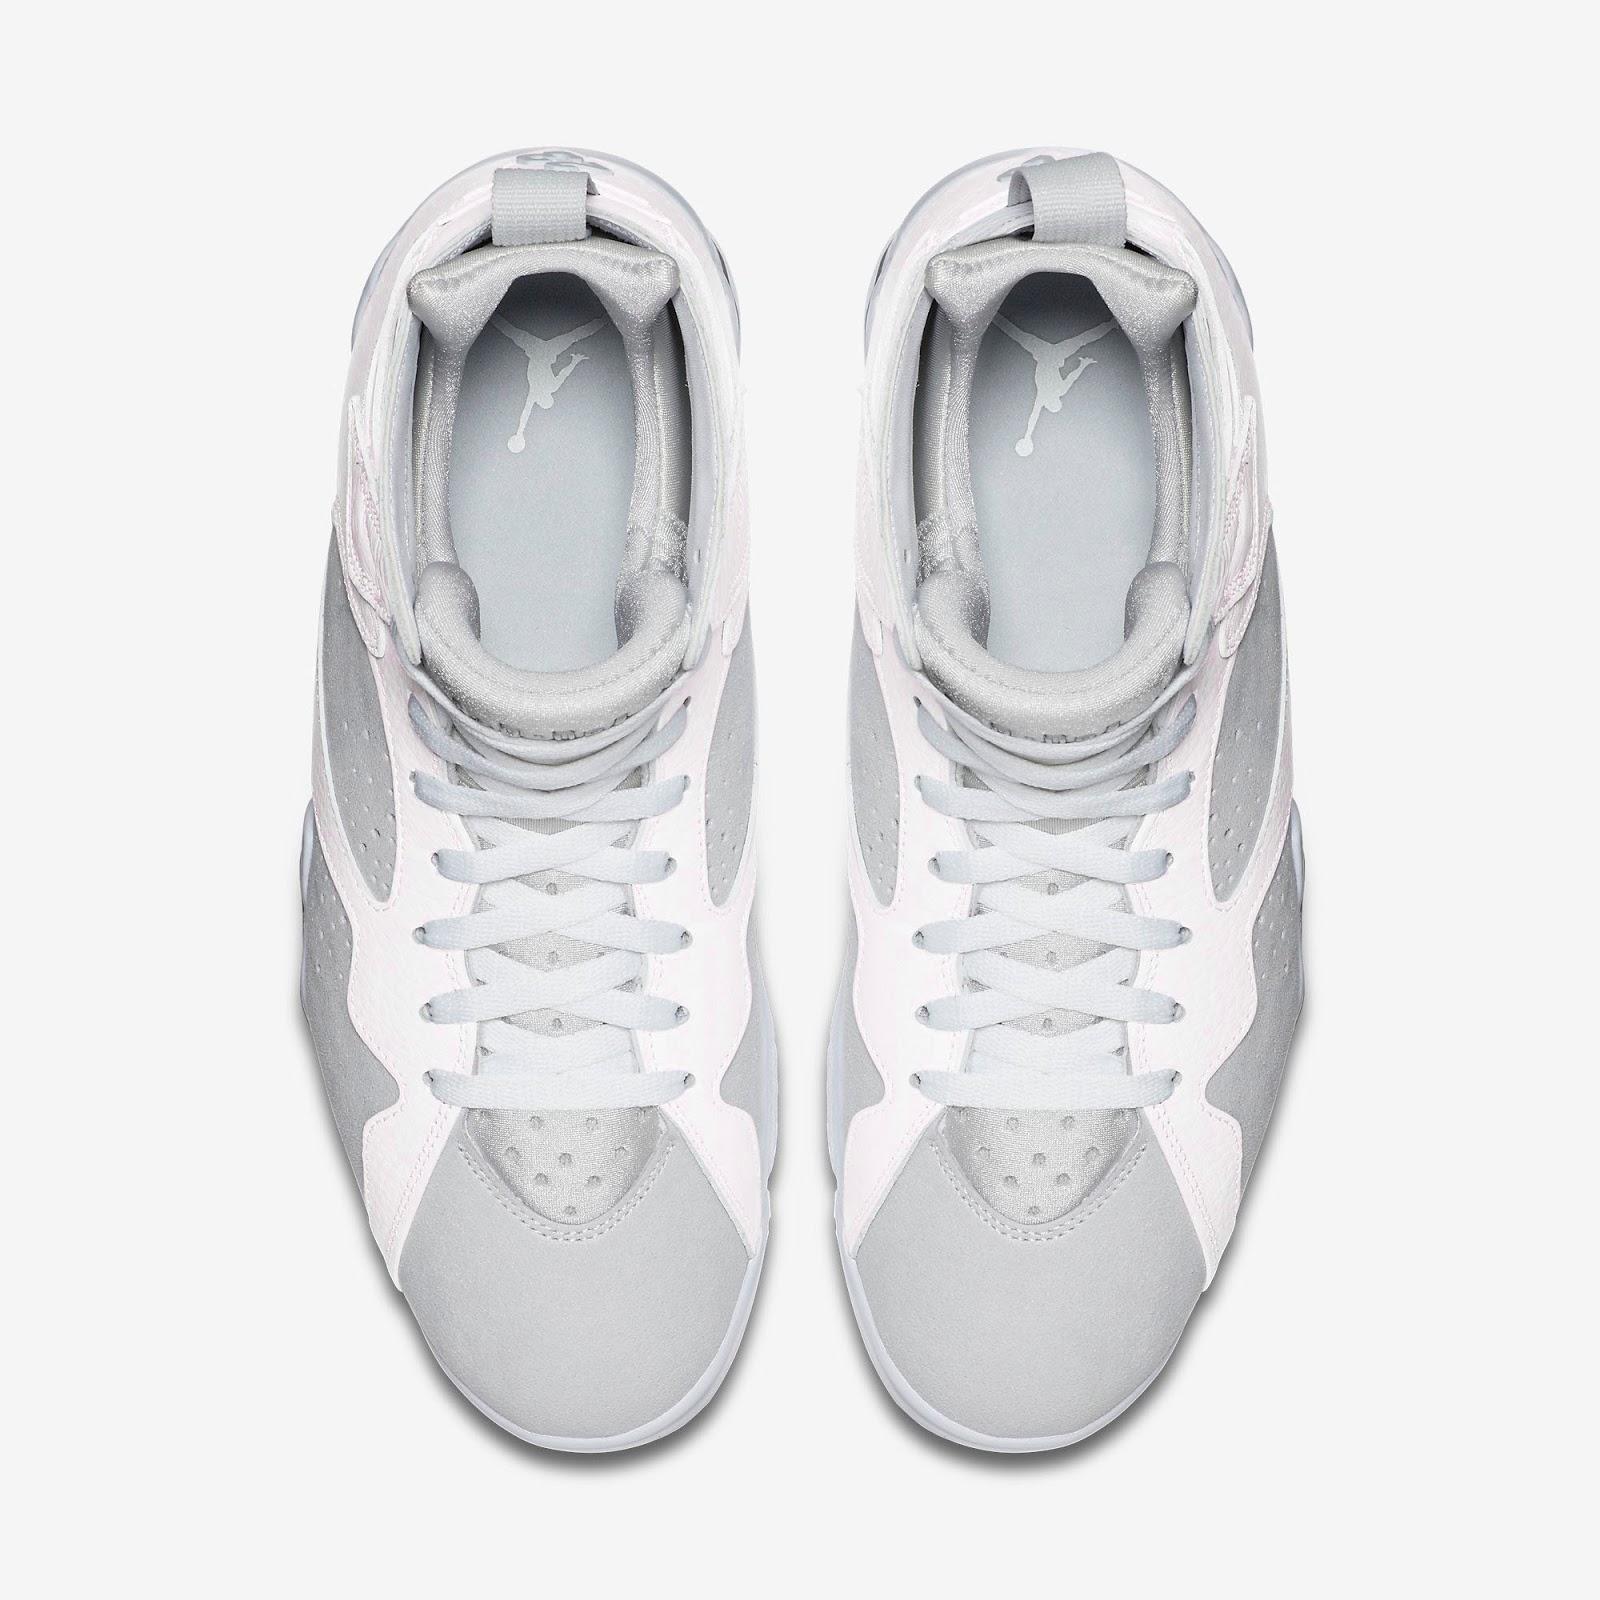 buy popular b0970 33b3e ajordanxi Your  1 Source For Sneaker Release Dates  Air Jordan 7 ...